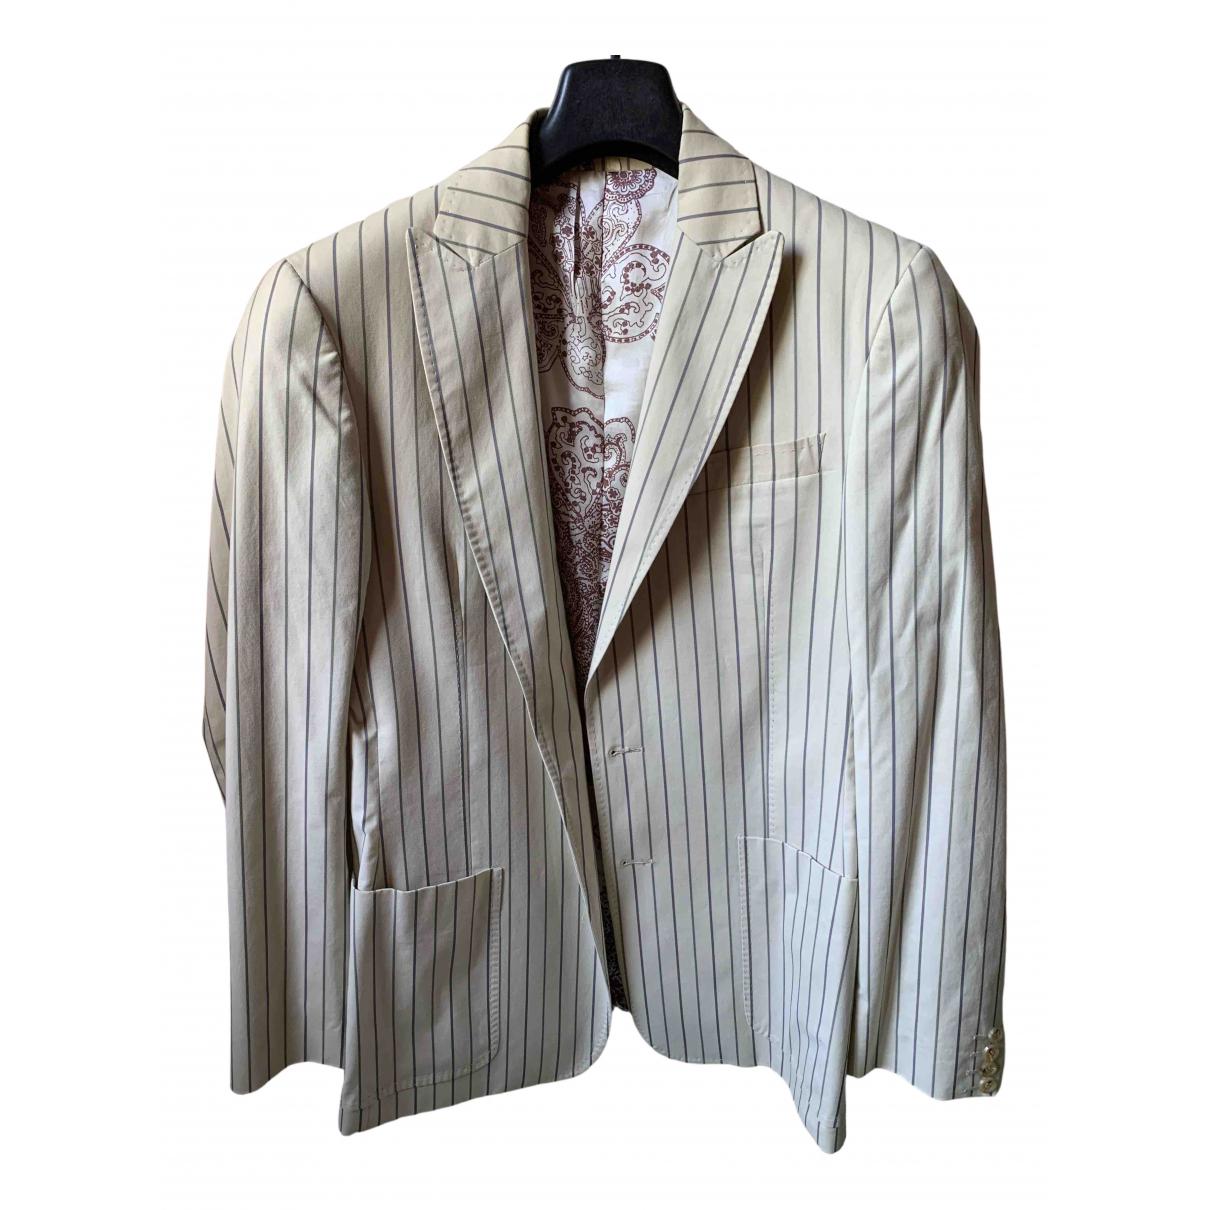 Just Cavalli - Vestes.Blousons   pour homme en coton - beige